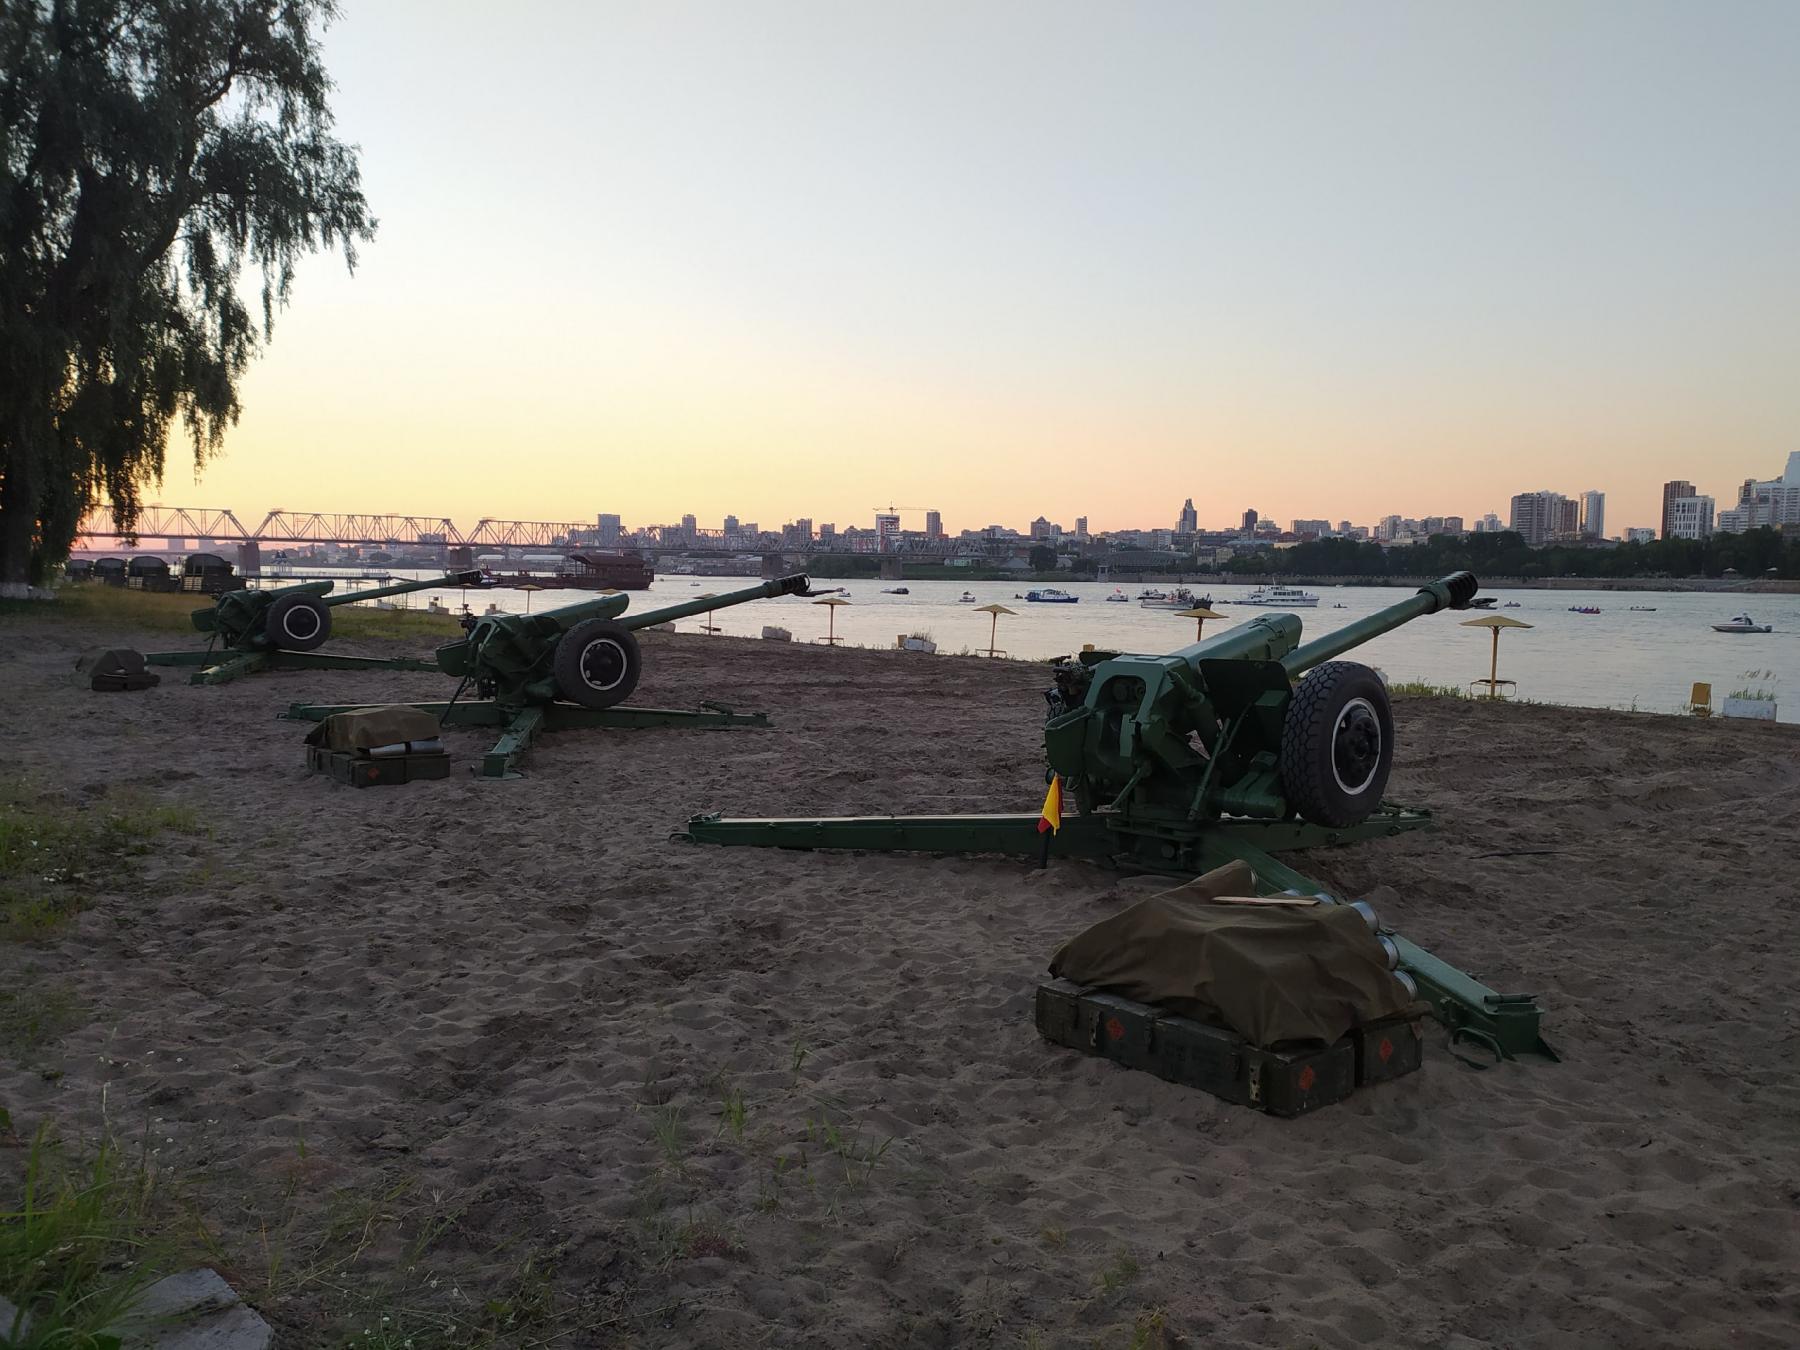 фото Обратная сторона салюта: как готовили фейерверк в Новосибирске и кто стрелял 9